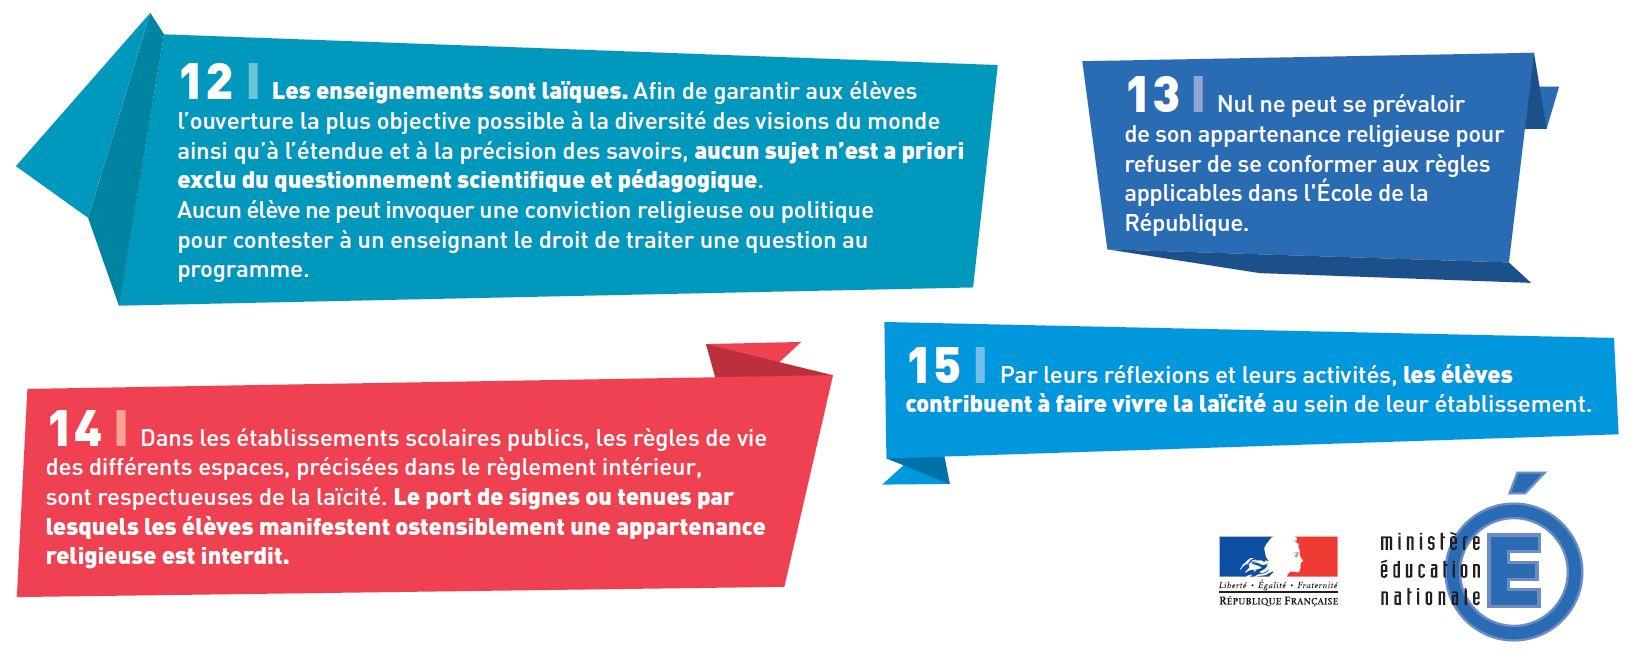 charte laique3